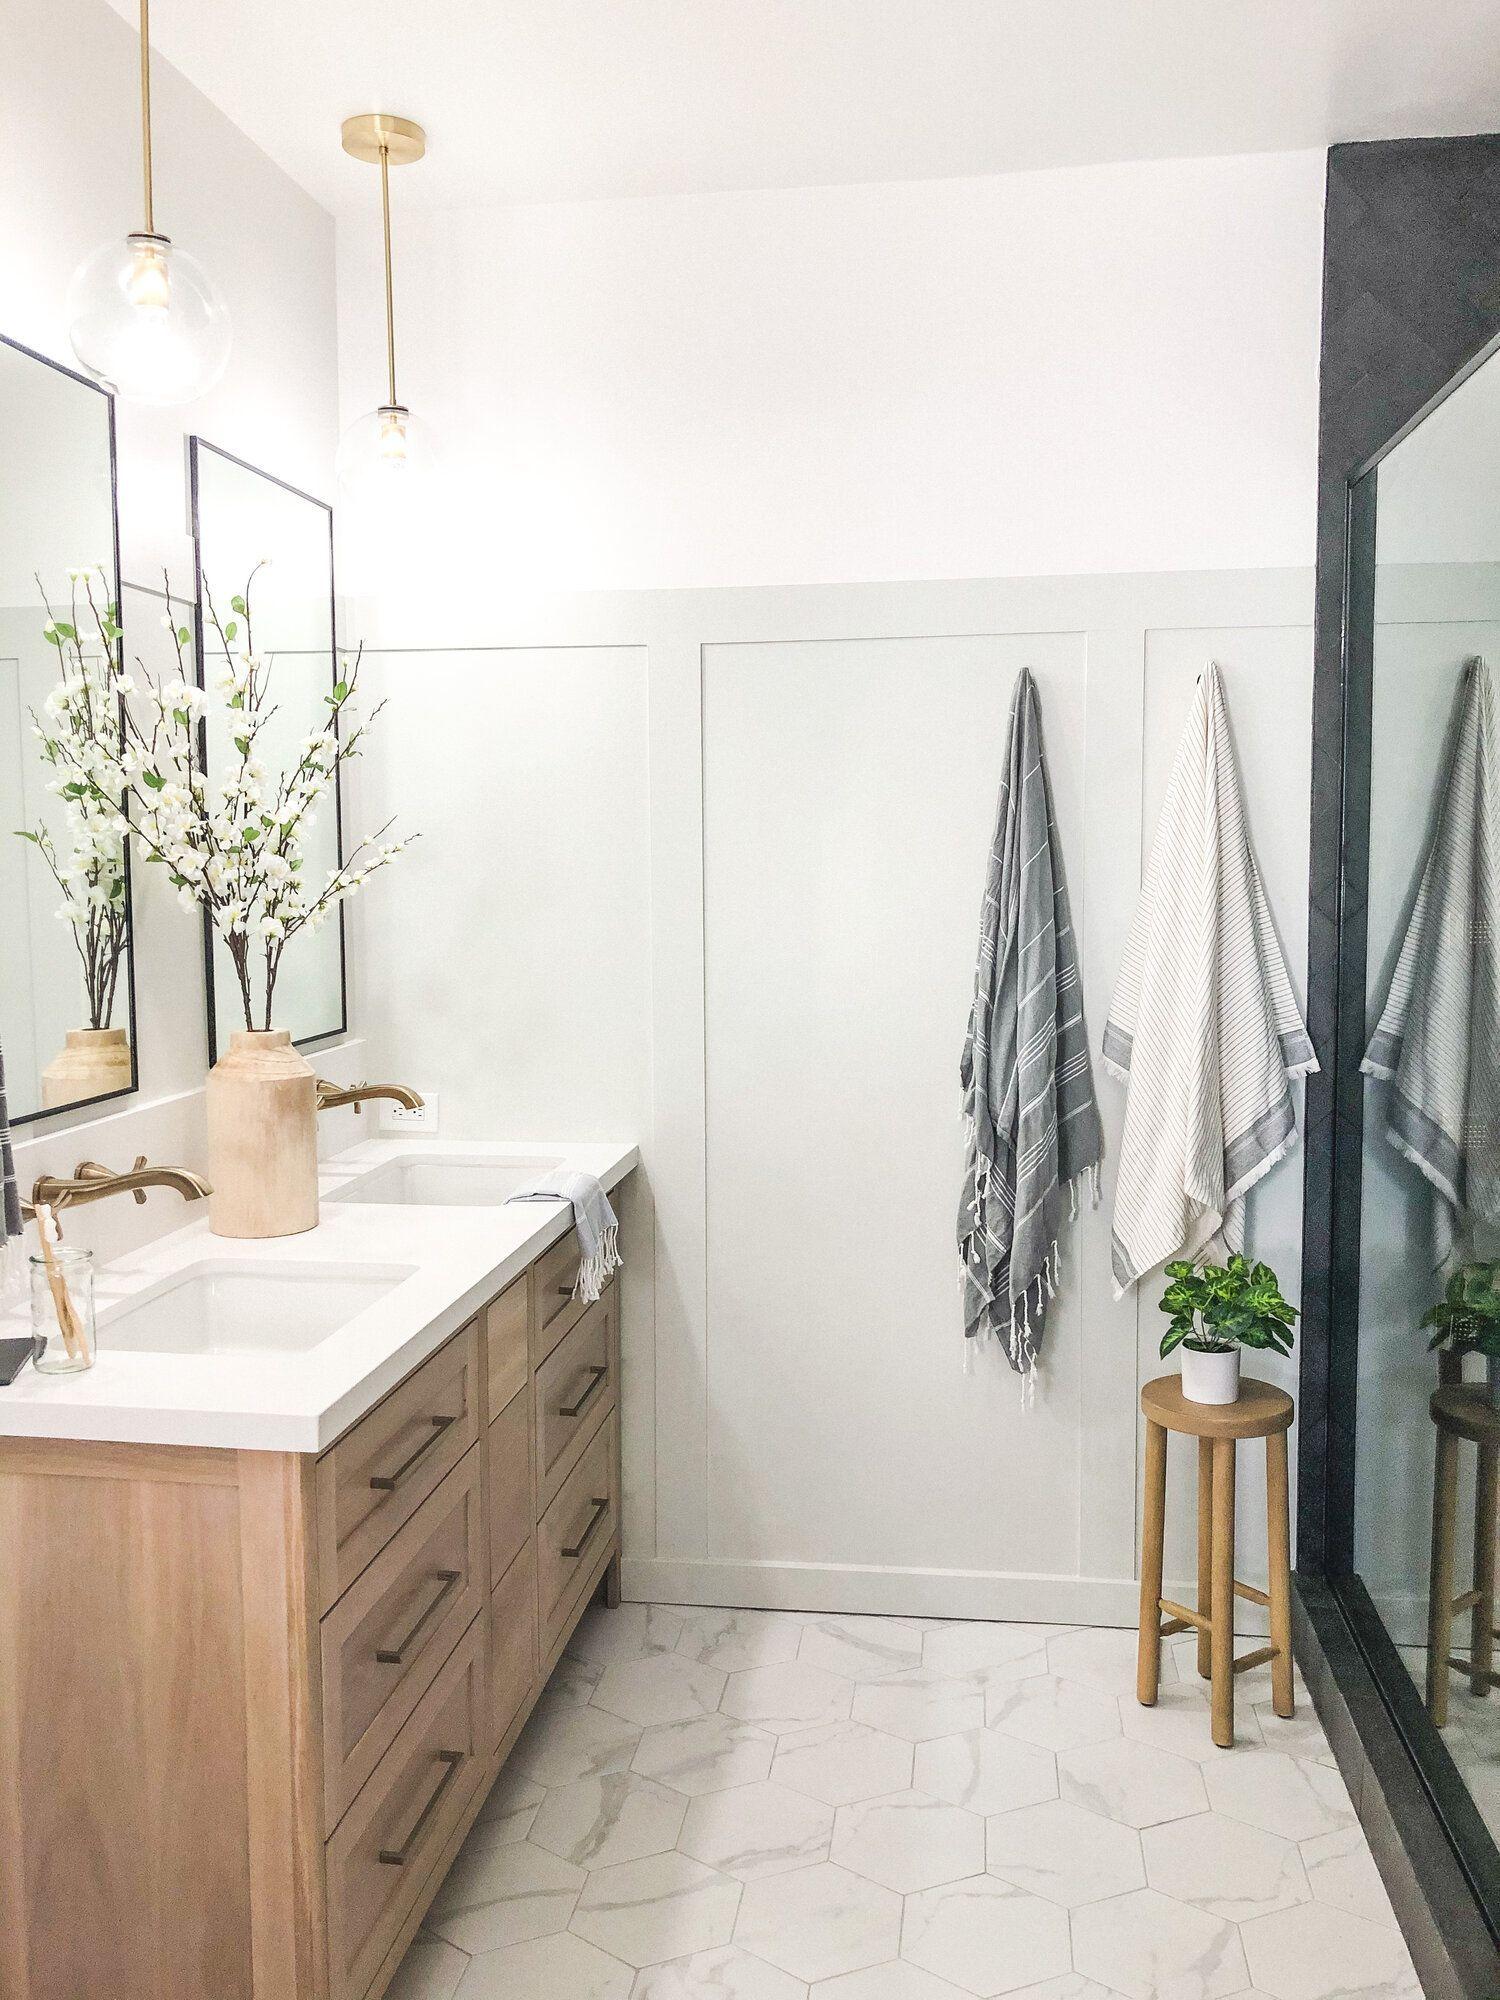 bathrooms remodel bathroom interior